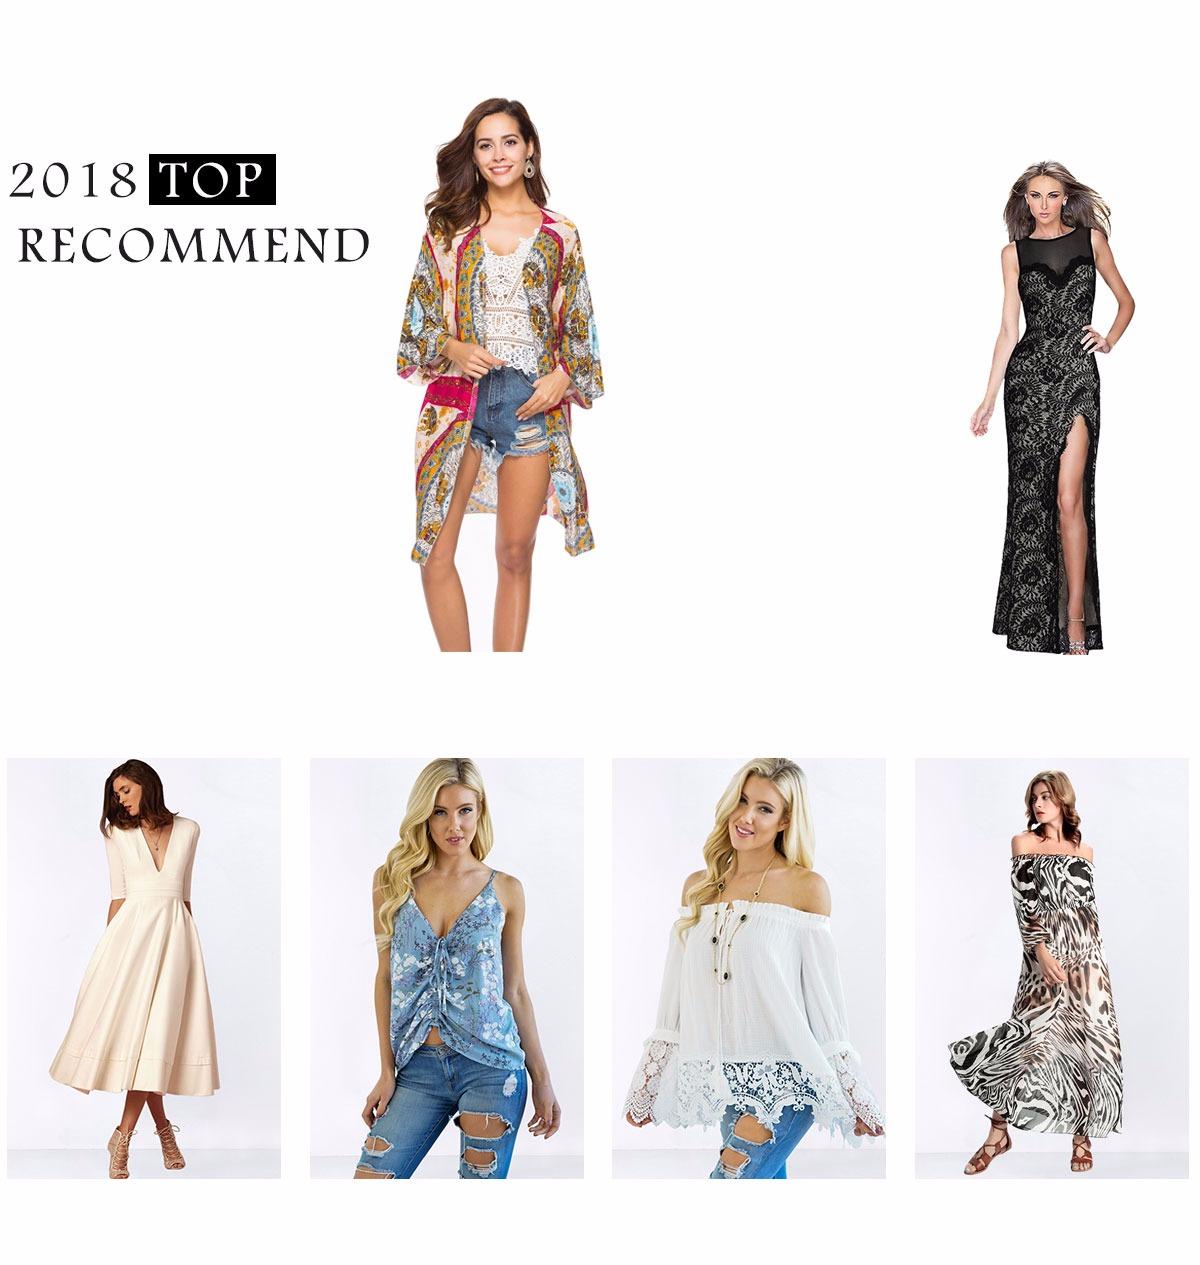 DiseСЂС–РІВ±os de vestidos bonitos